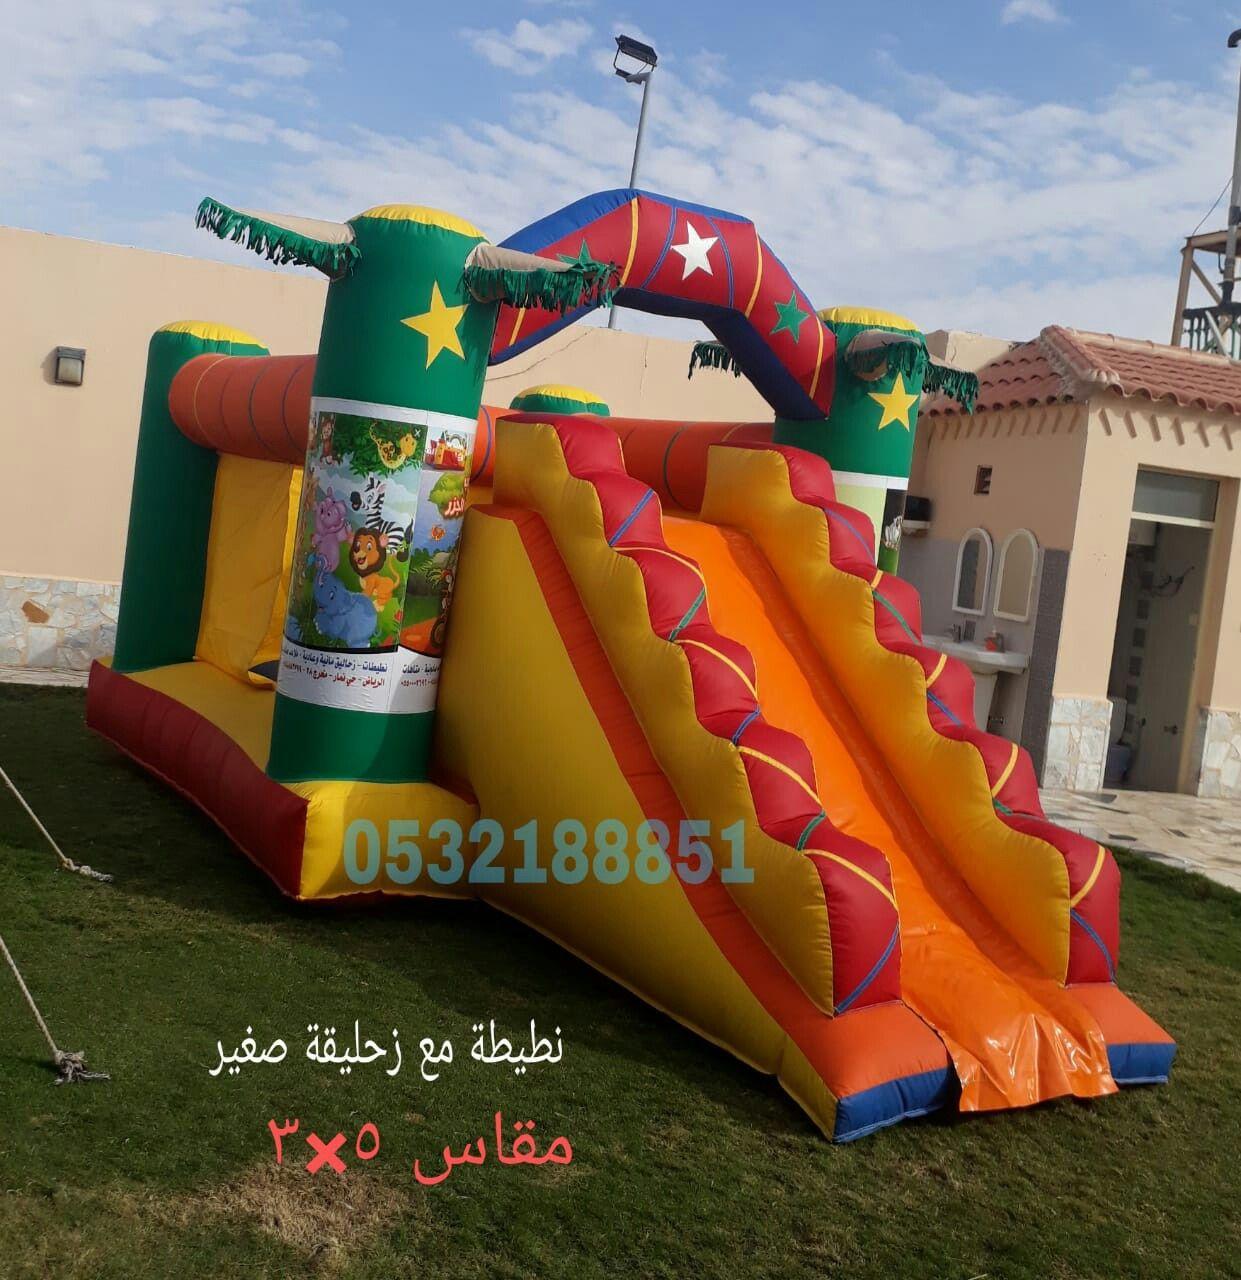 الحربي للألعاب الهوائية بأسعار مناسبه للتواصل الرياض 0532188851 Outdoor Decor Home Decor Decor